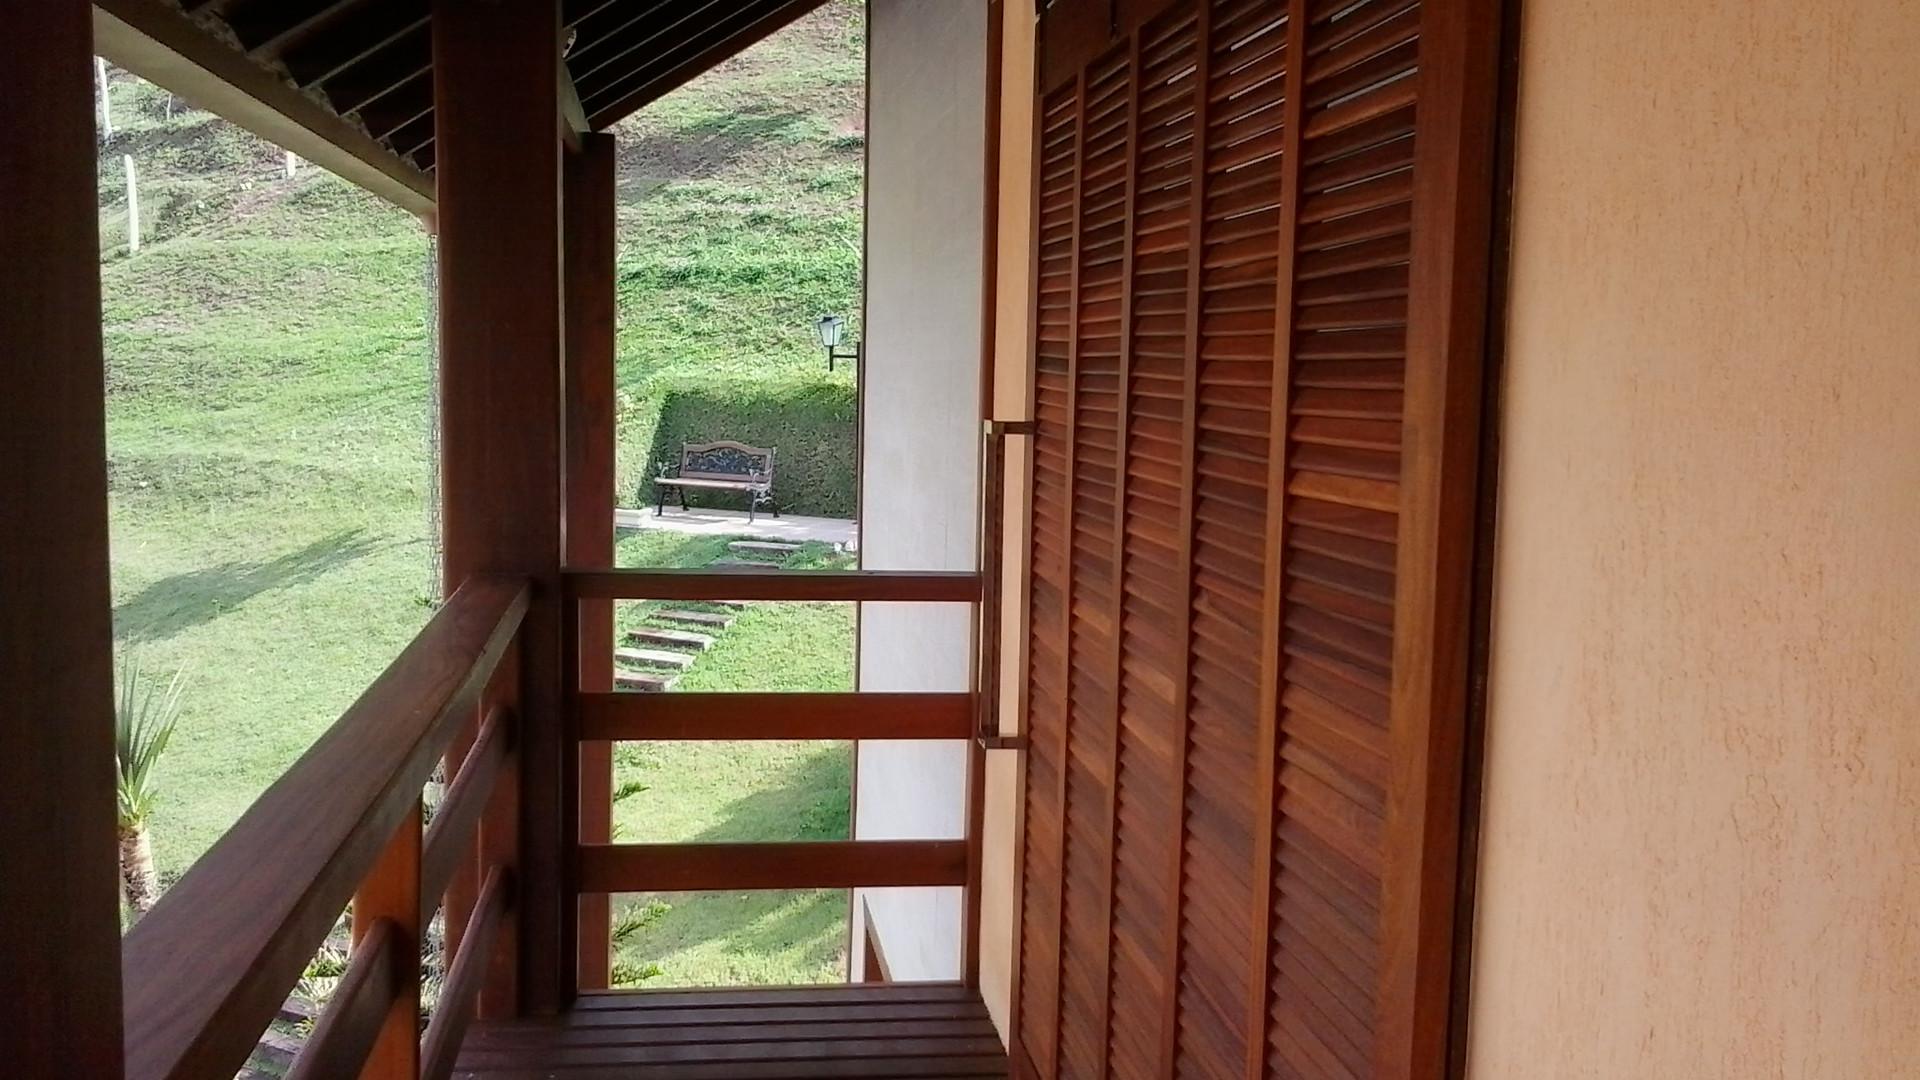 2012-10-31 09.12.21 arquitetura.jpg